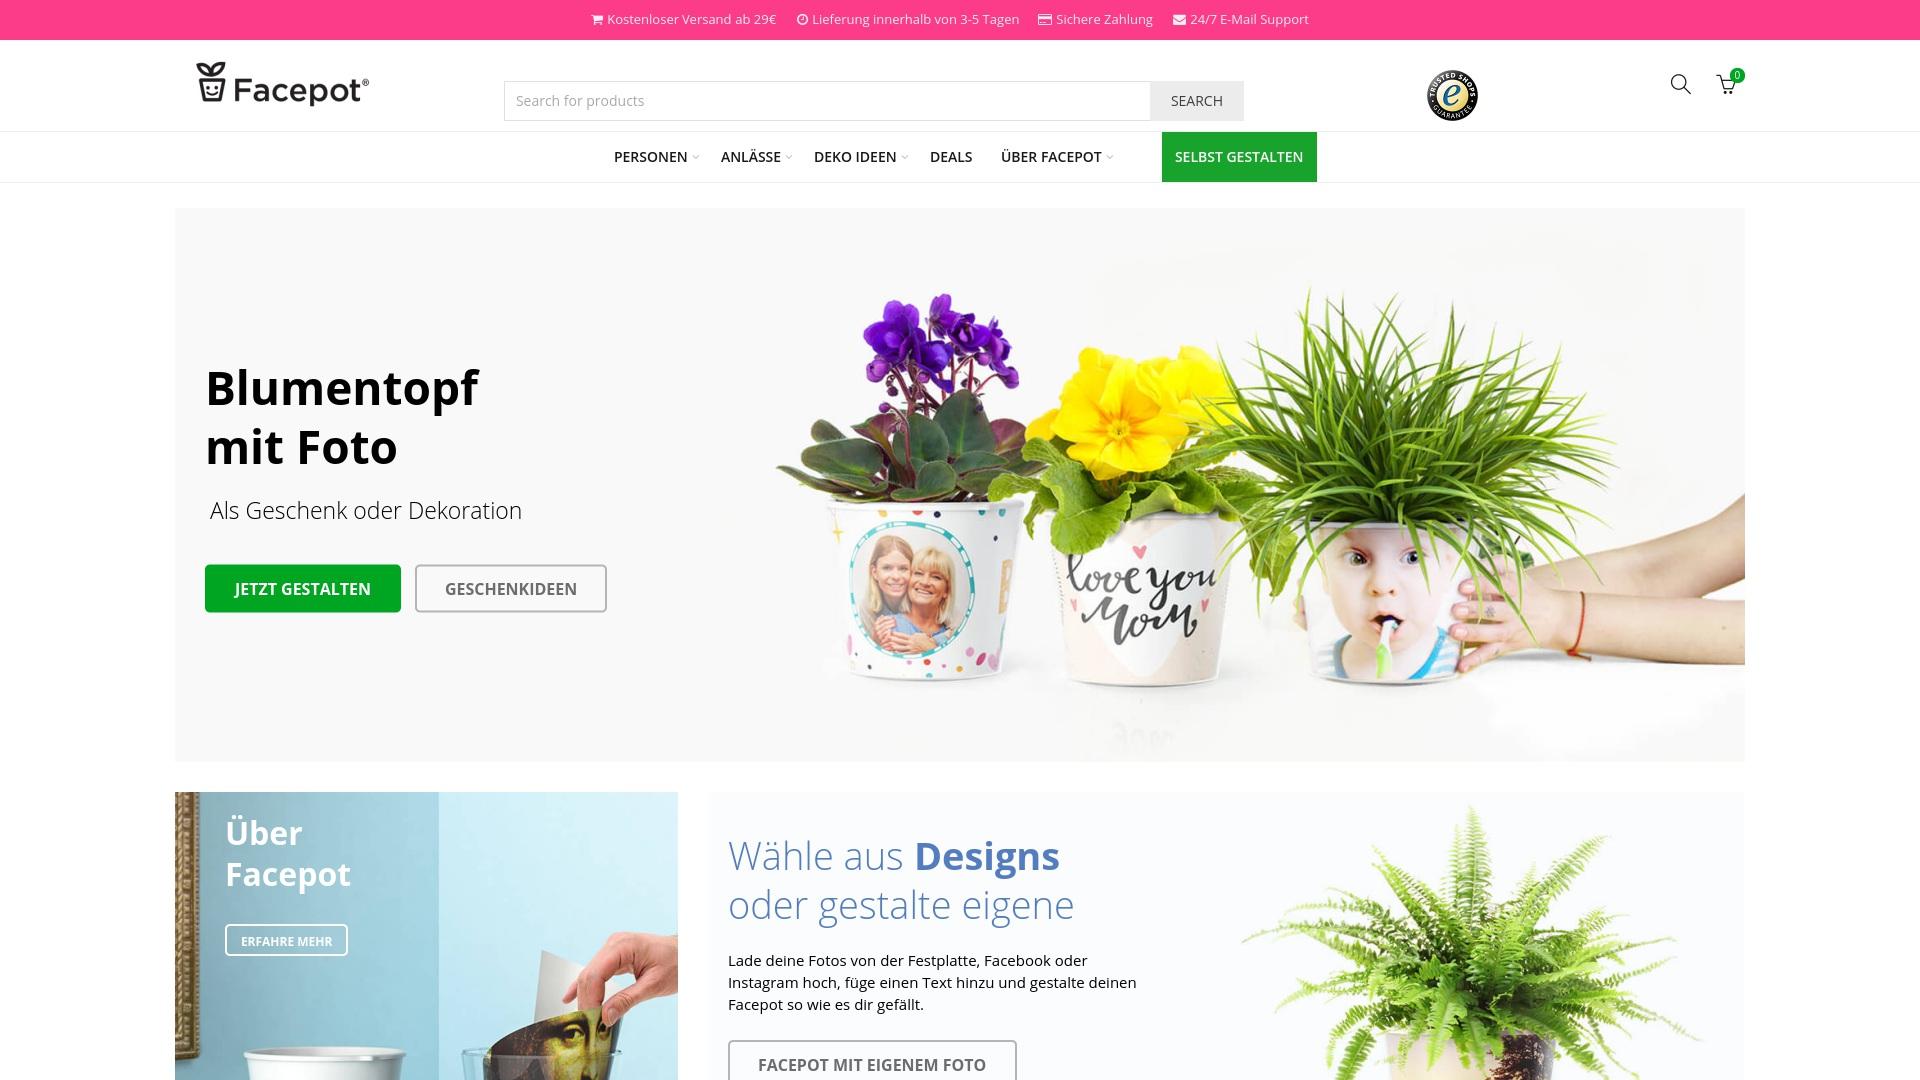 Gutschein für Myfacepot: Rabatte für  Myfacepot sichern